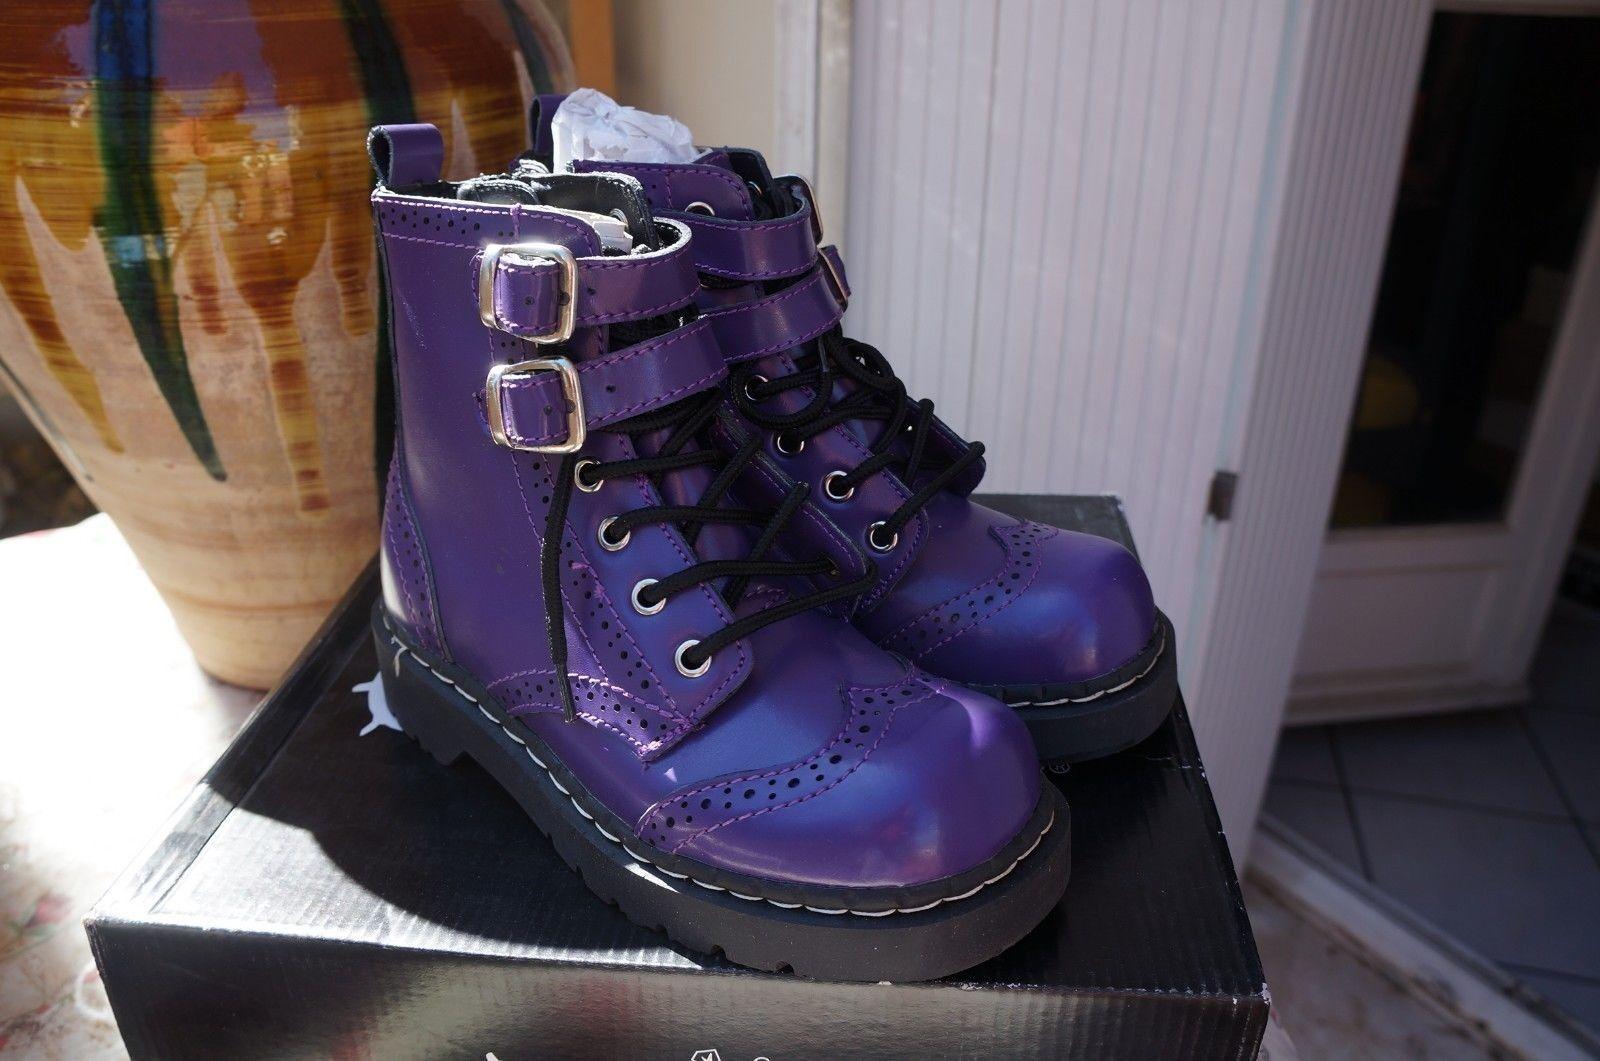 T.u. k. botas t2184 púrpura - púrpura - púrpura verde-negro-blanco, Talla 37 EU